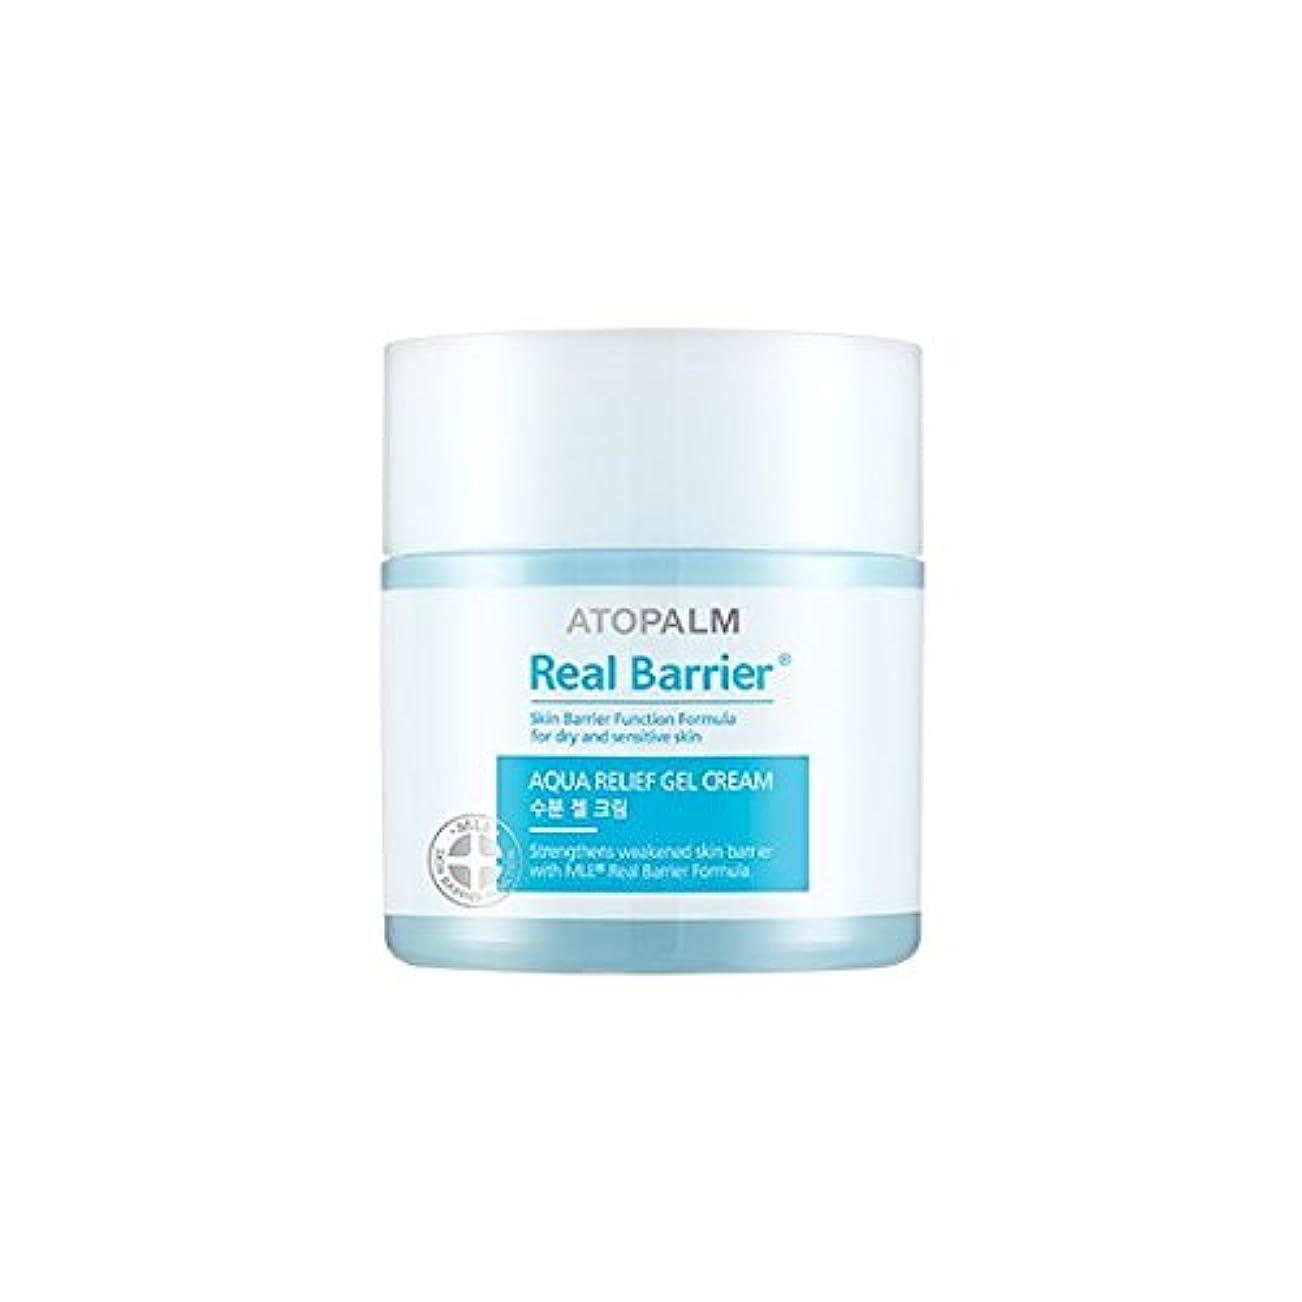 逃すアマゾンジャングルモザイクATOPALM Real Barrier Aqua Relief Gel Cream 50ml/アトパーム リアル バリア アクア リリーフ ジェル クリーム 50ml [並行輸入品]